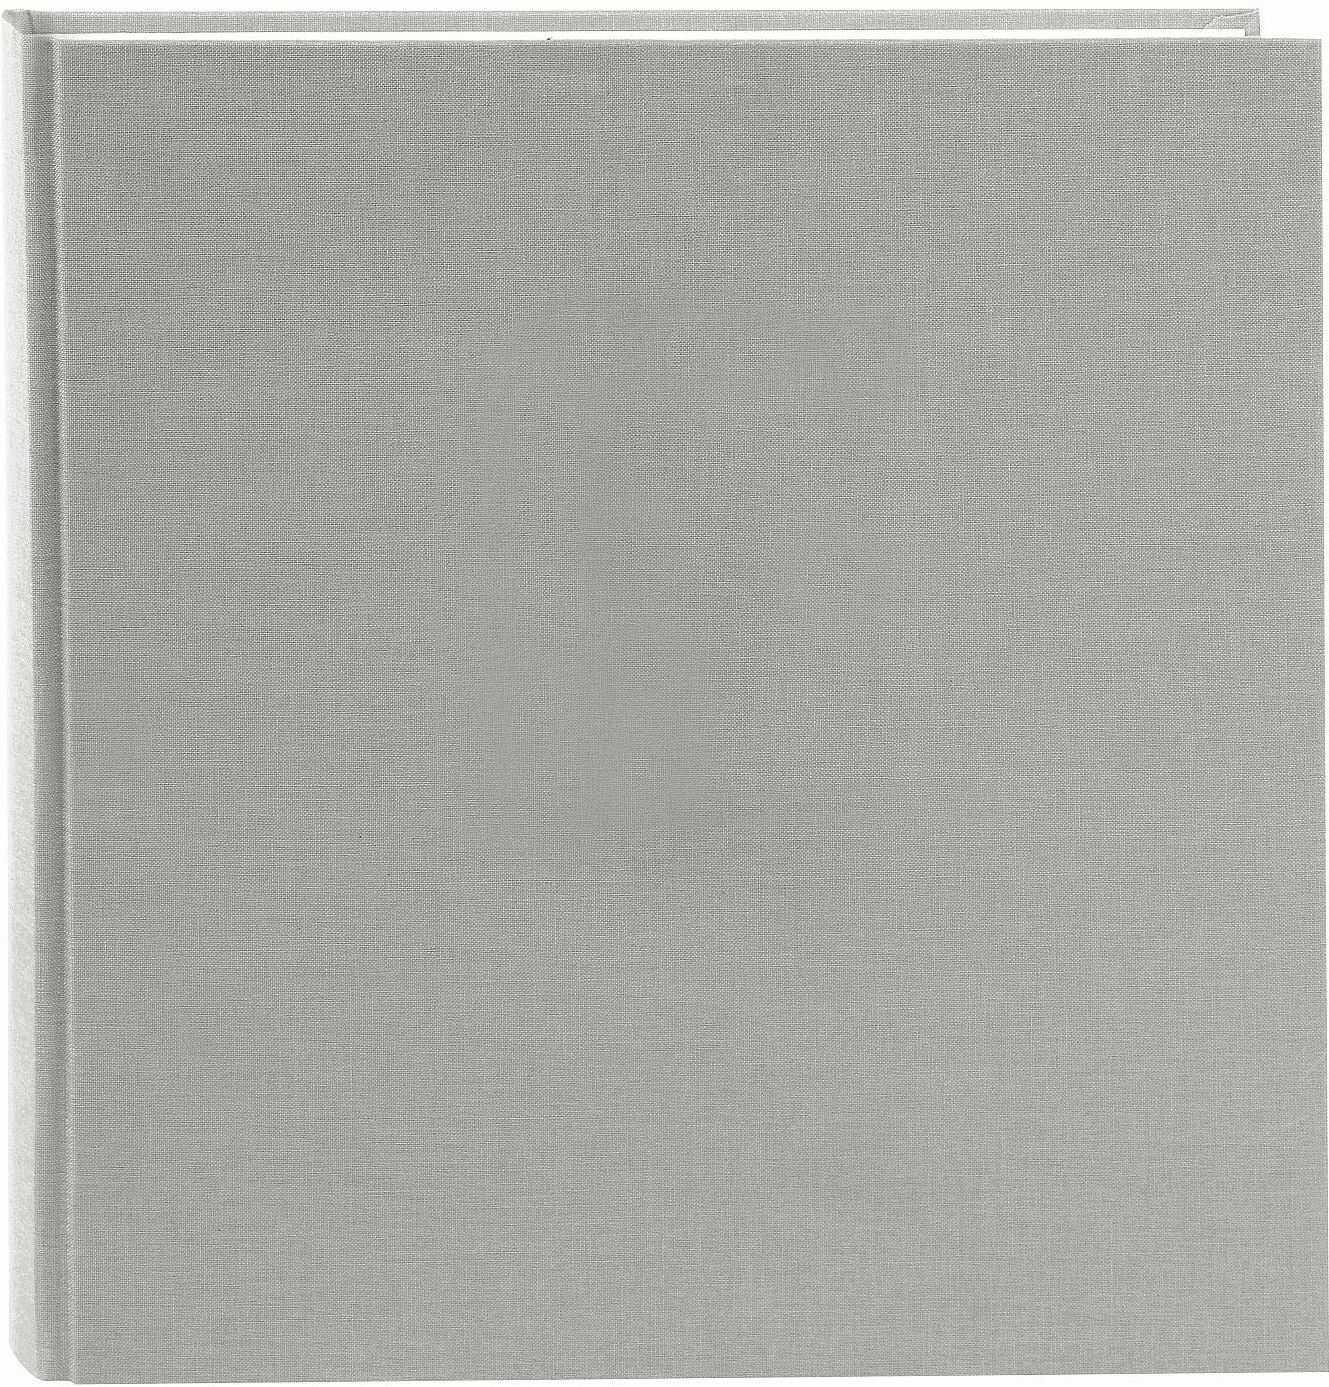 goldbuch 27606 album fotograficzny Summertime Trend 2, fotoksiążka z 60 białymi stronami z pergaminu, album fotograficzny z lnianą okładką, do 600 zdjęć, wysokiej jakości papier, szary, 30 x 31 cm